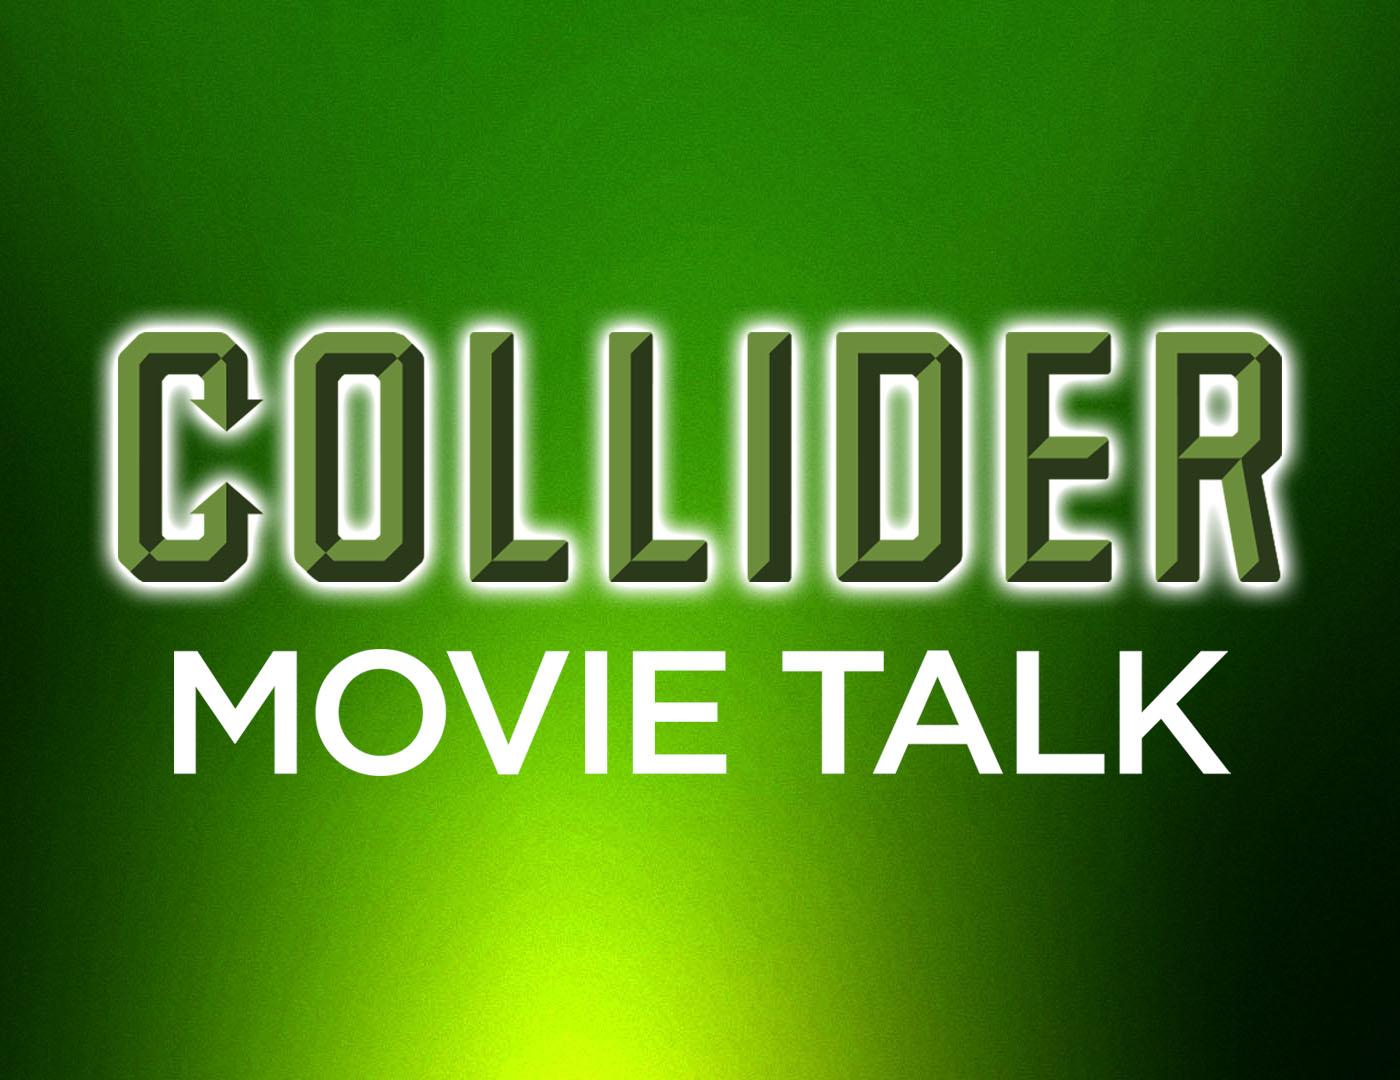 Collider Movie Talk - Final Star Trek Beyond Trailer